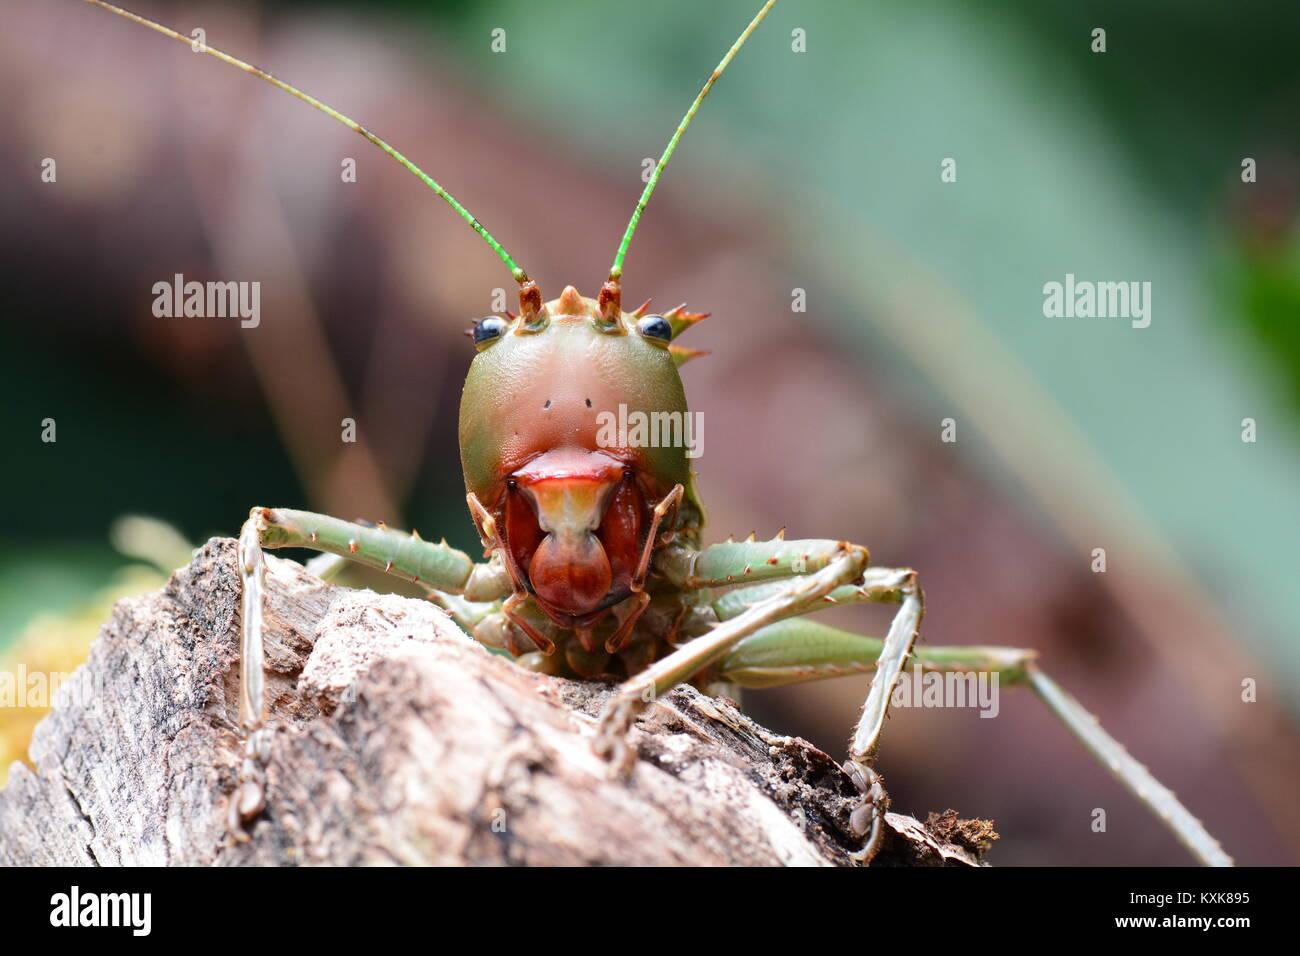 A dragon headed Katydid looks menacing at the camera. - Stock Image